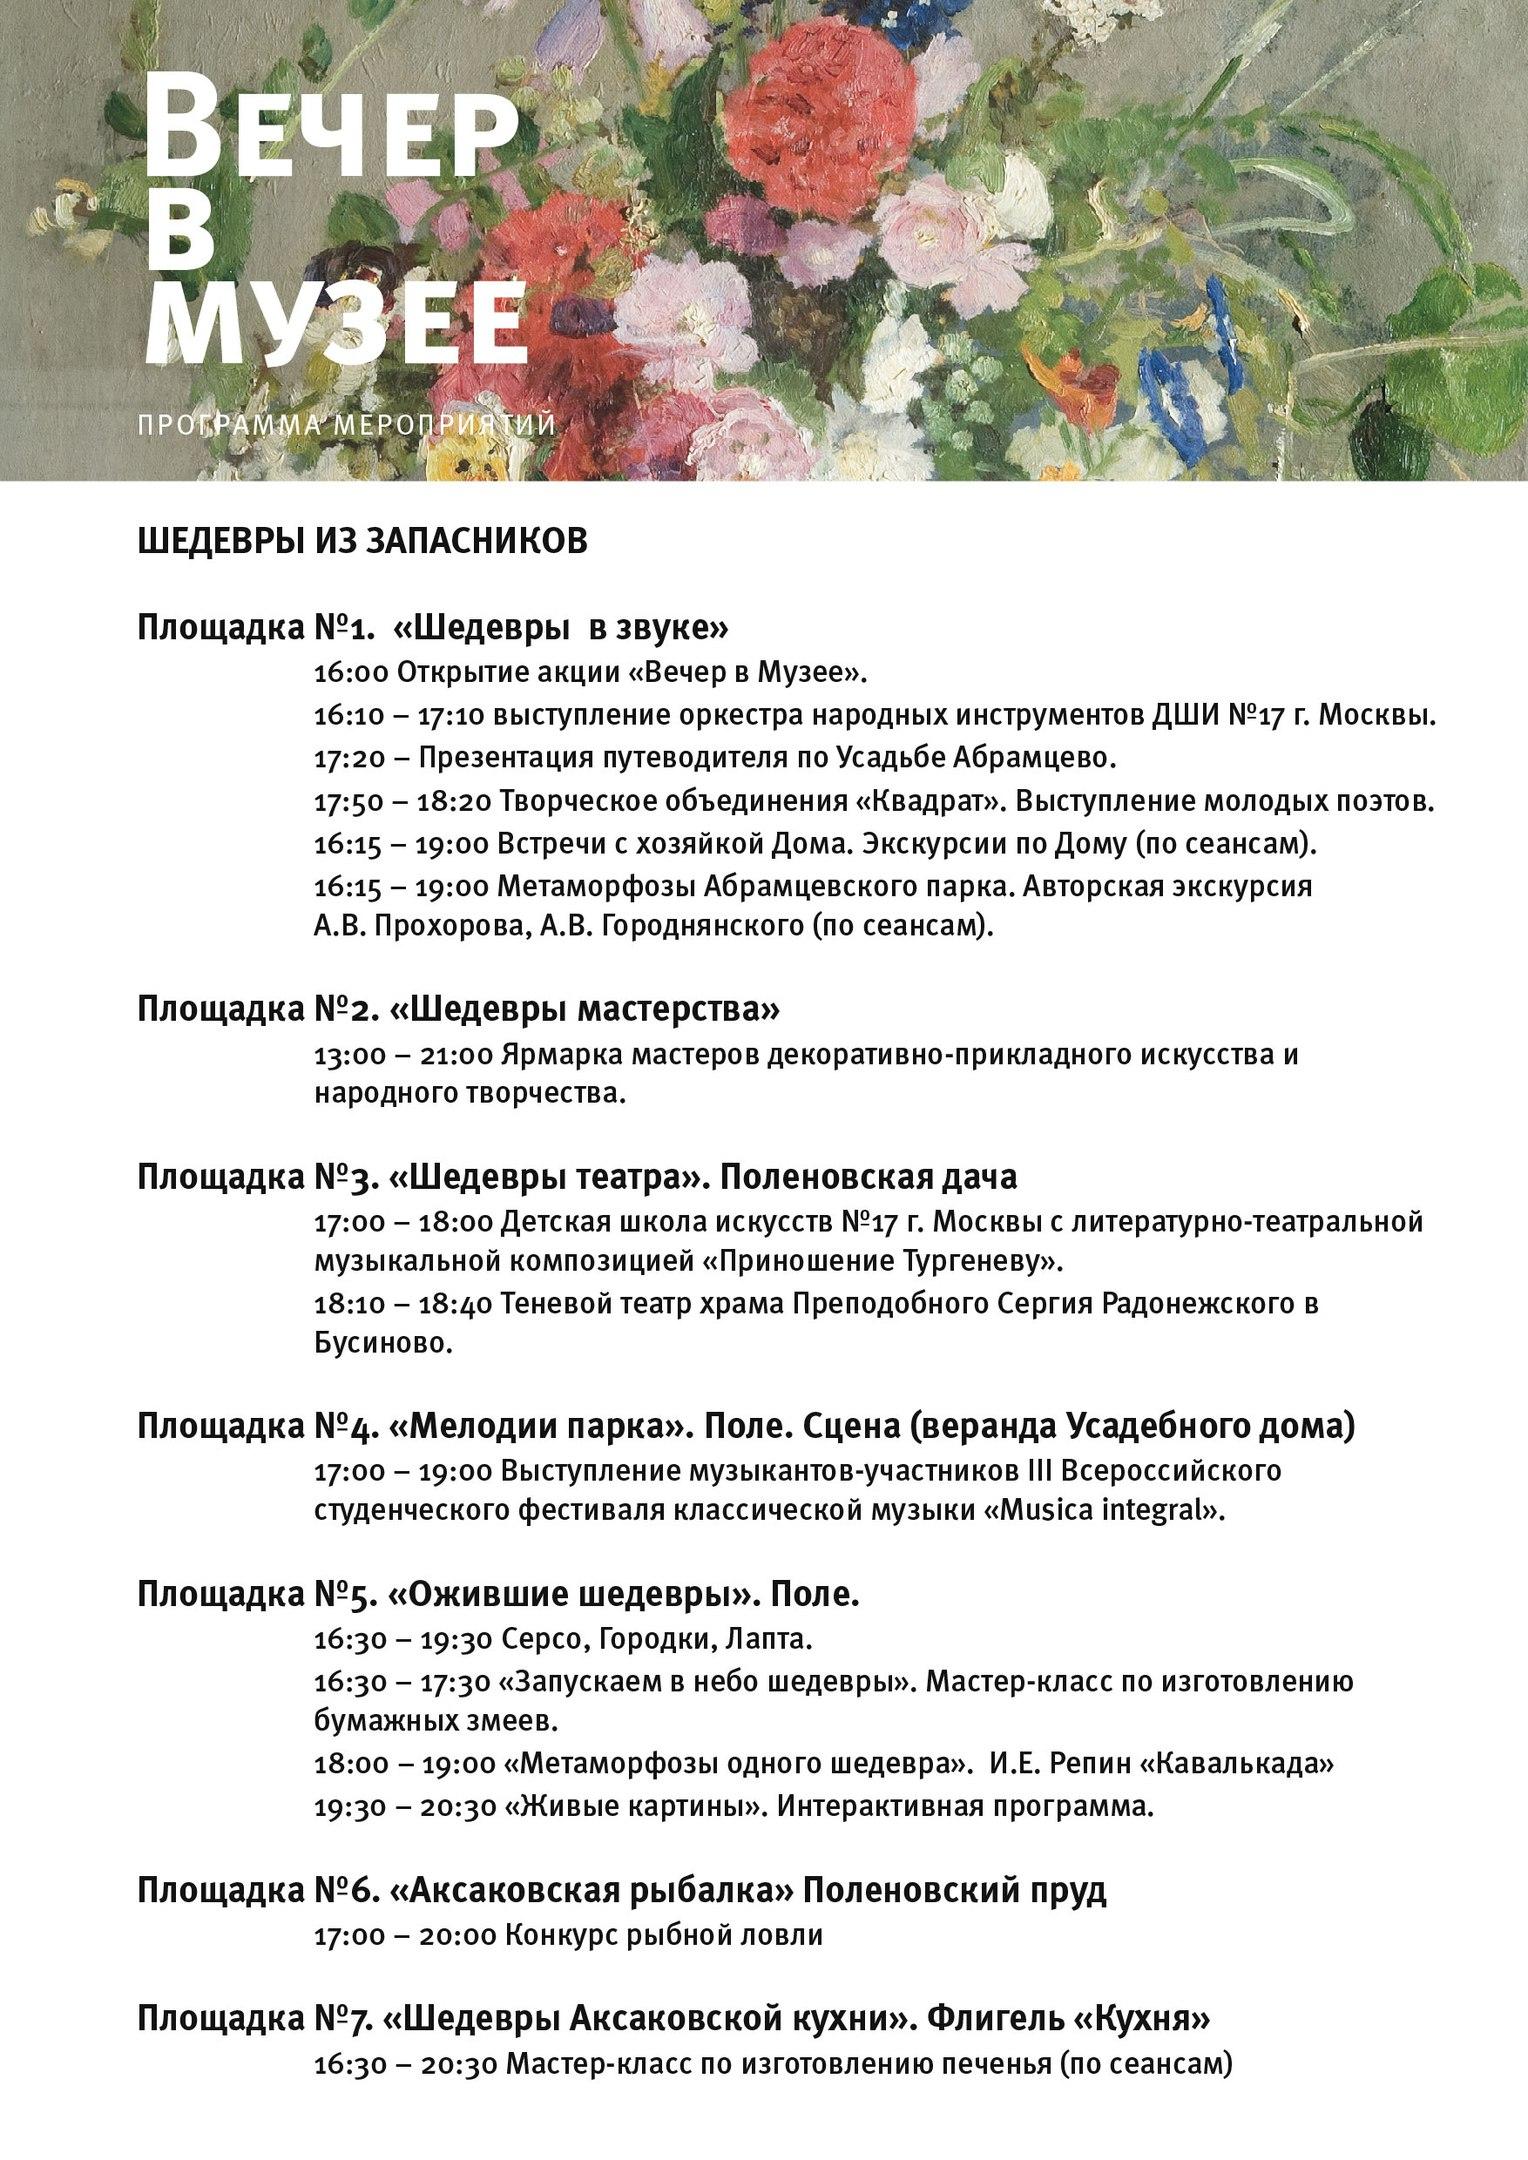 Программа акции вечер в музее Абрамцево 2019